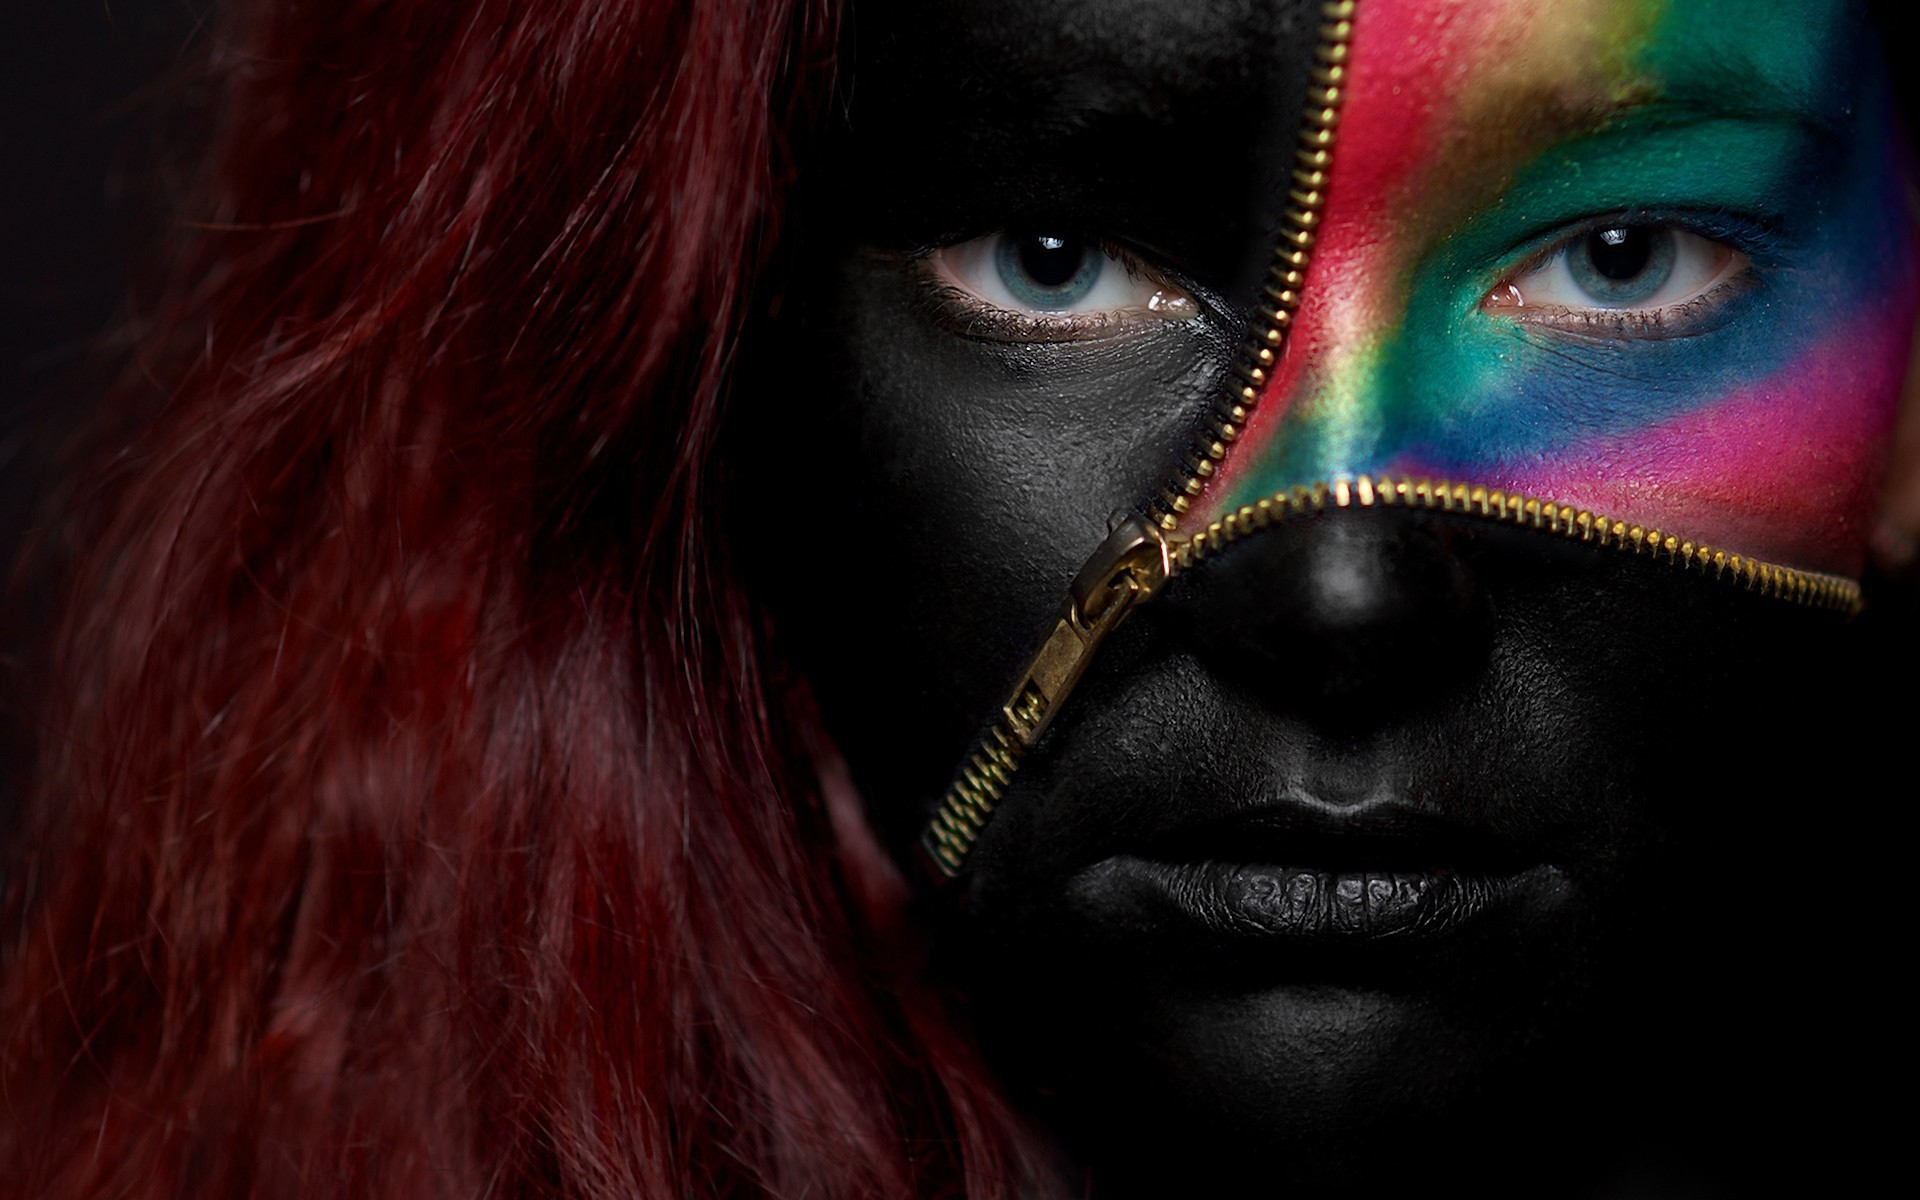 красочно, рыжие, голубые глаза, девушка